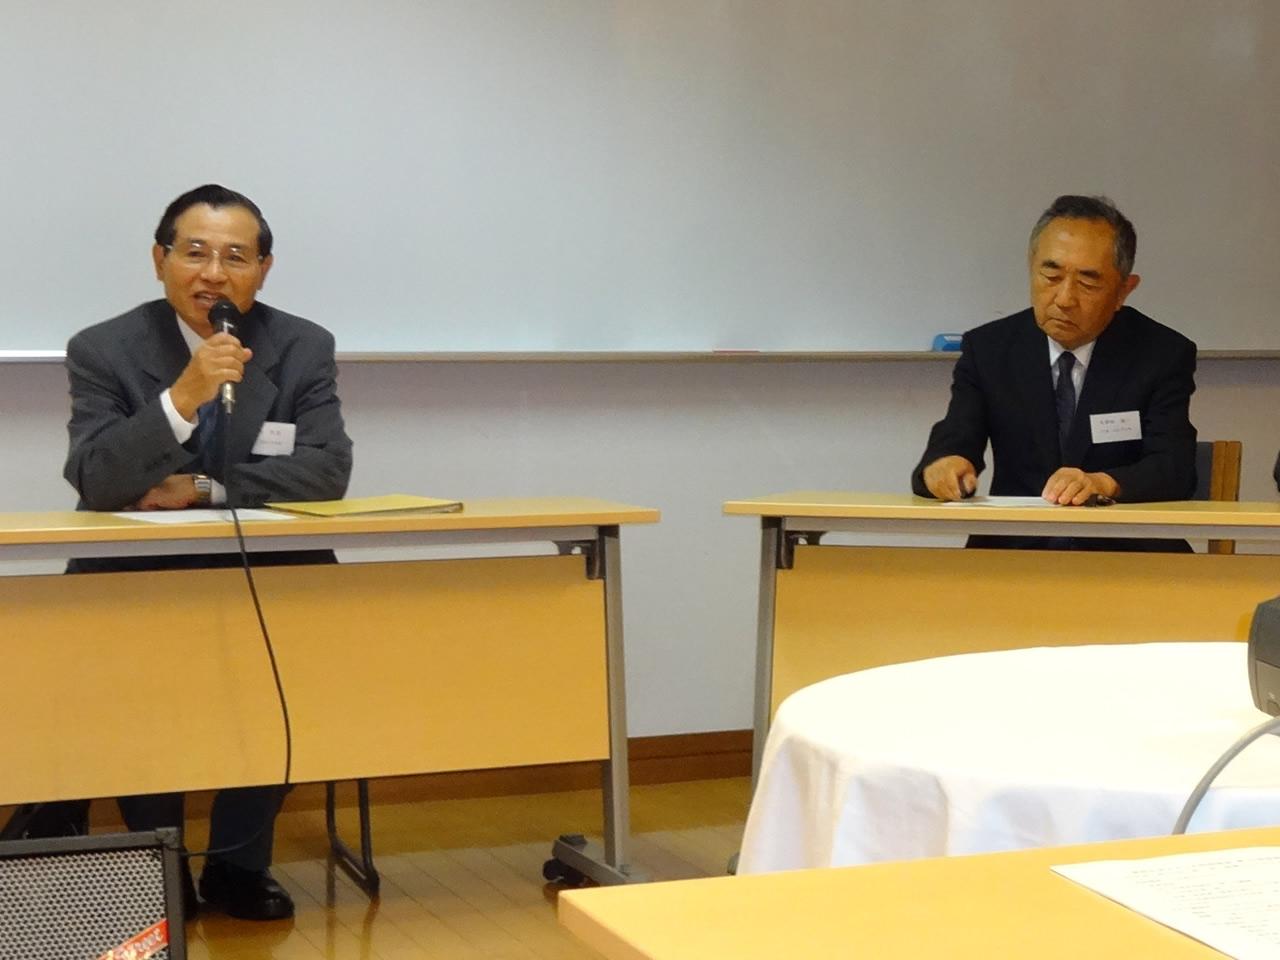 高橋前会長と久保田新会長